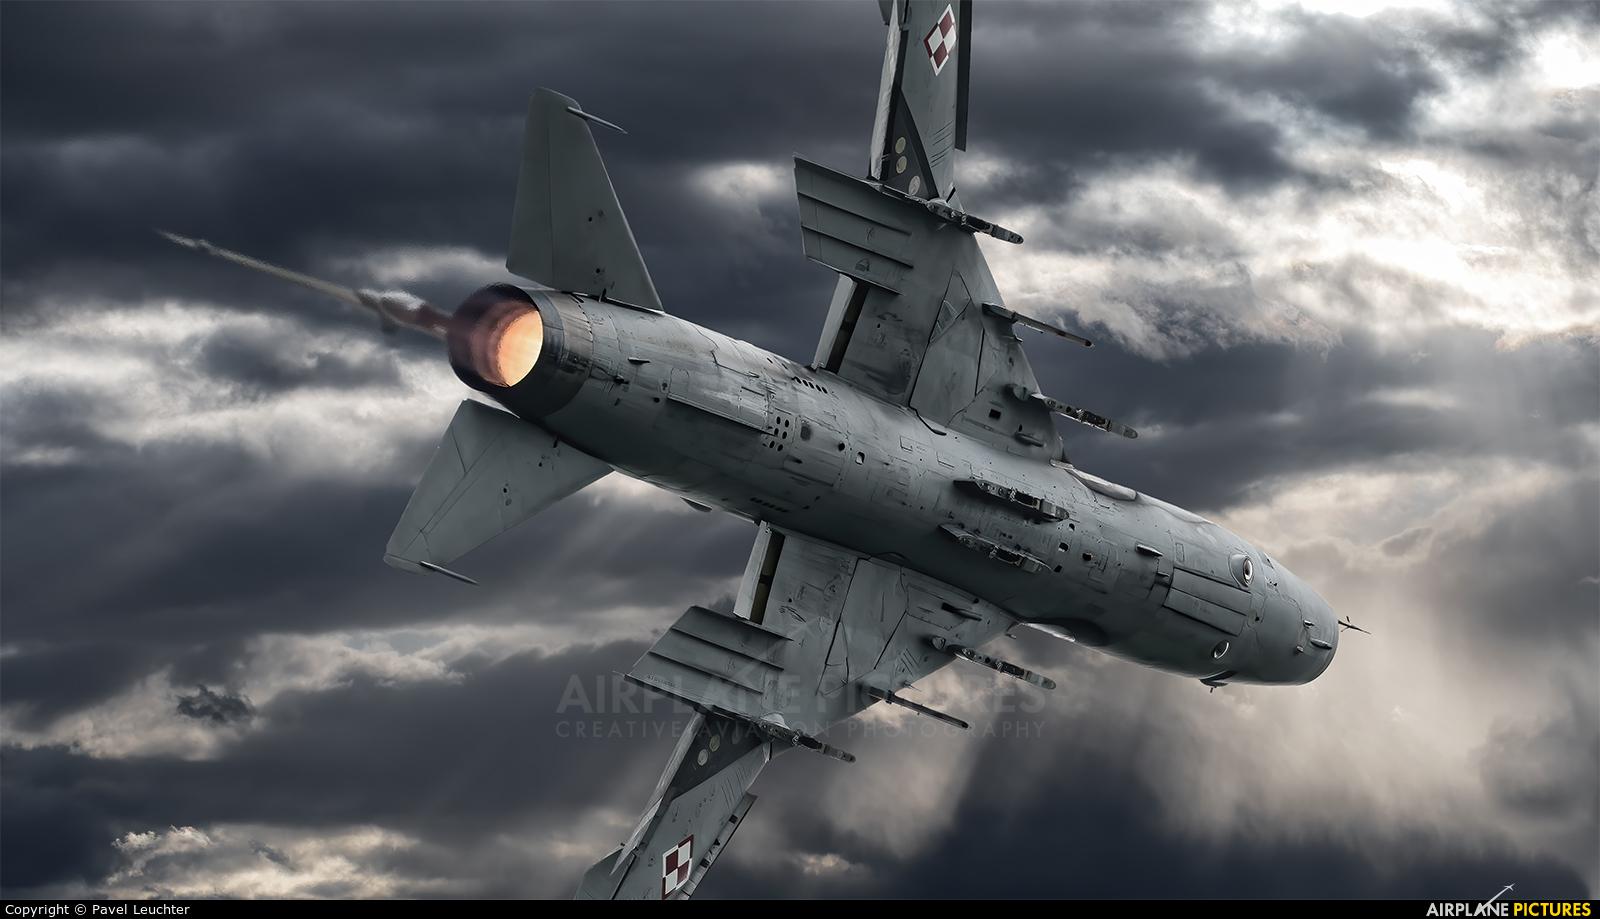 Poland - Air Force 3819 aircraft at Zeltweg